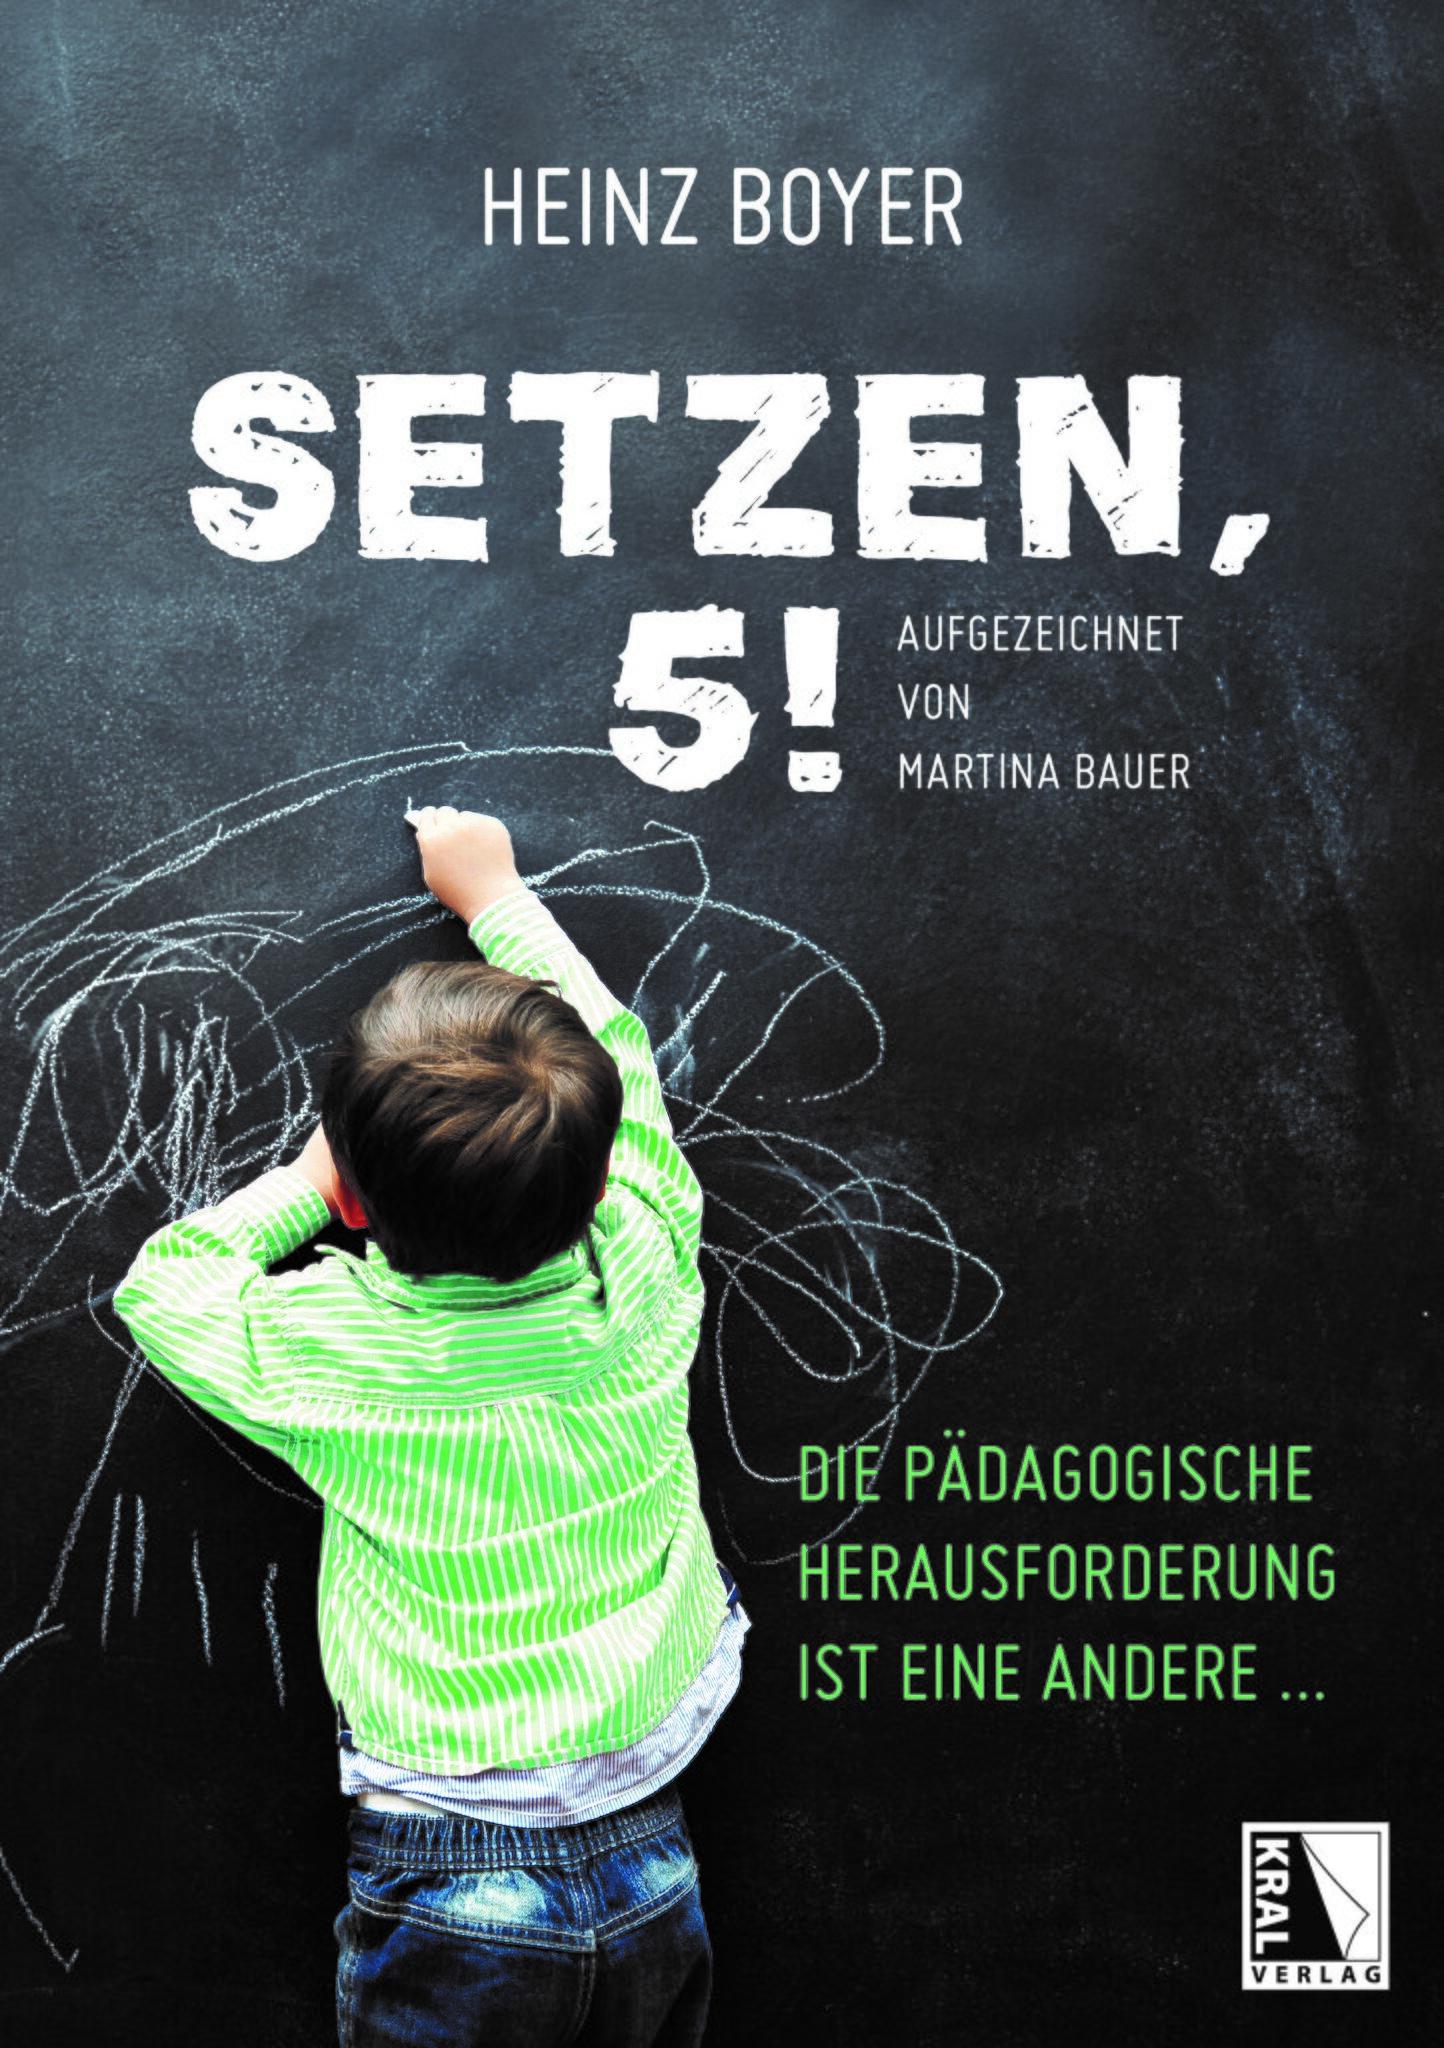 Bildung: Heinz Boyer: Das Bildungssystem auf dem Prüfstand